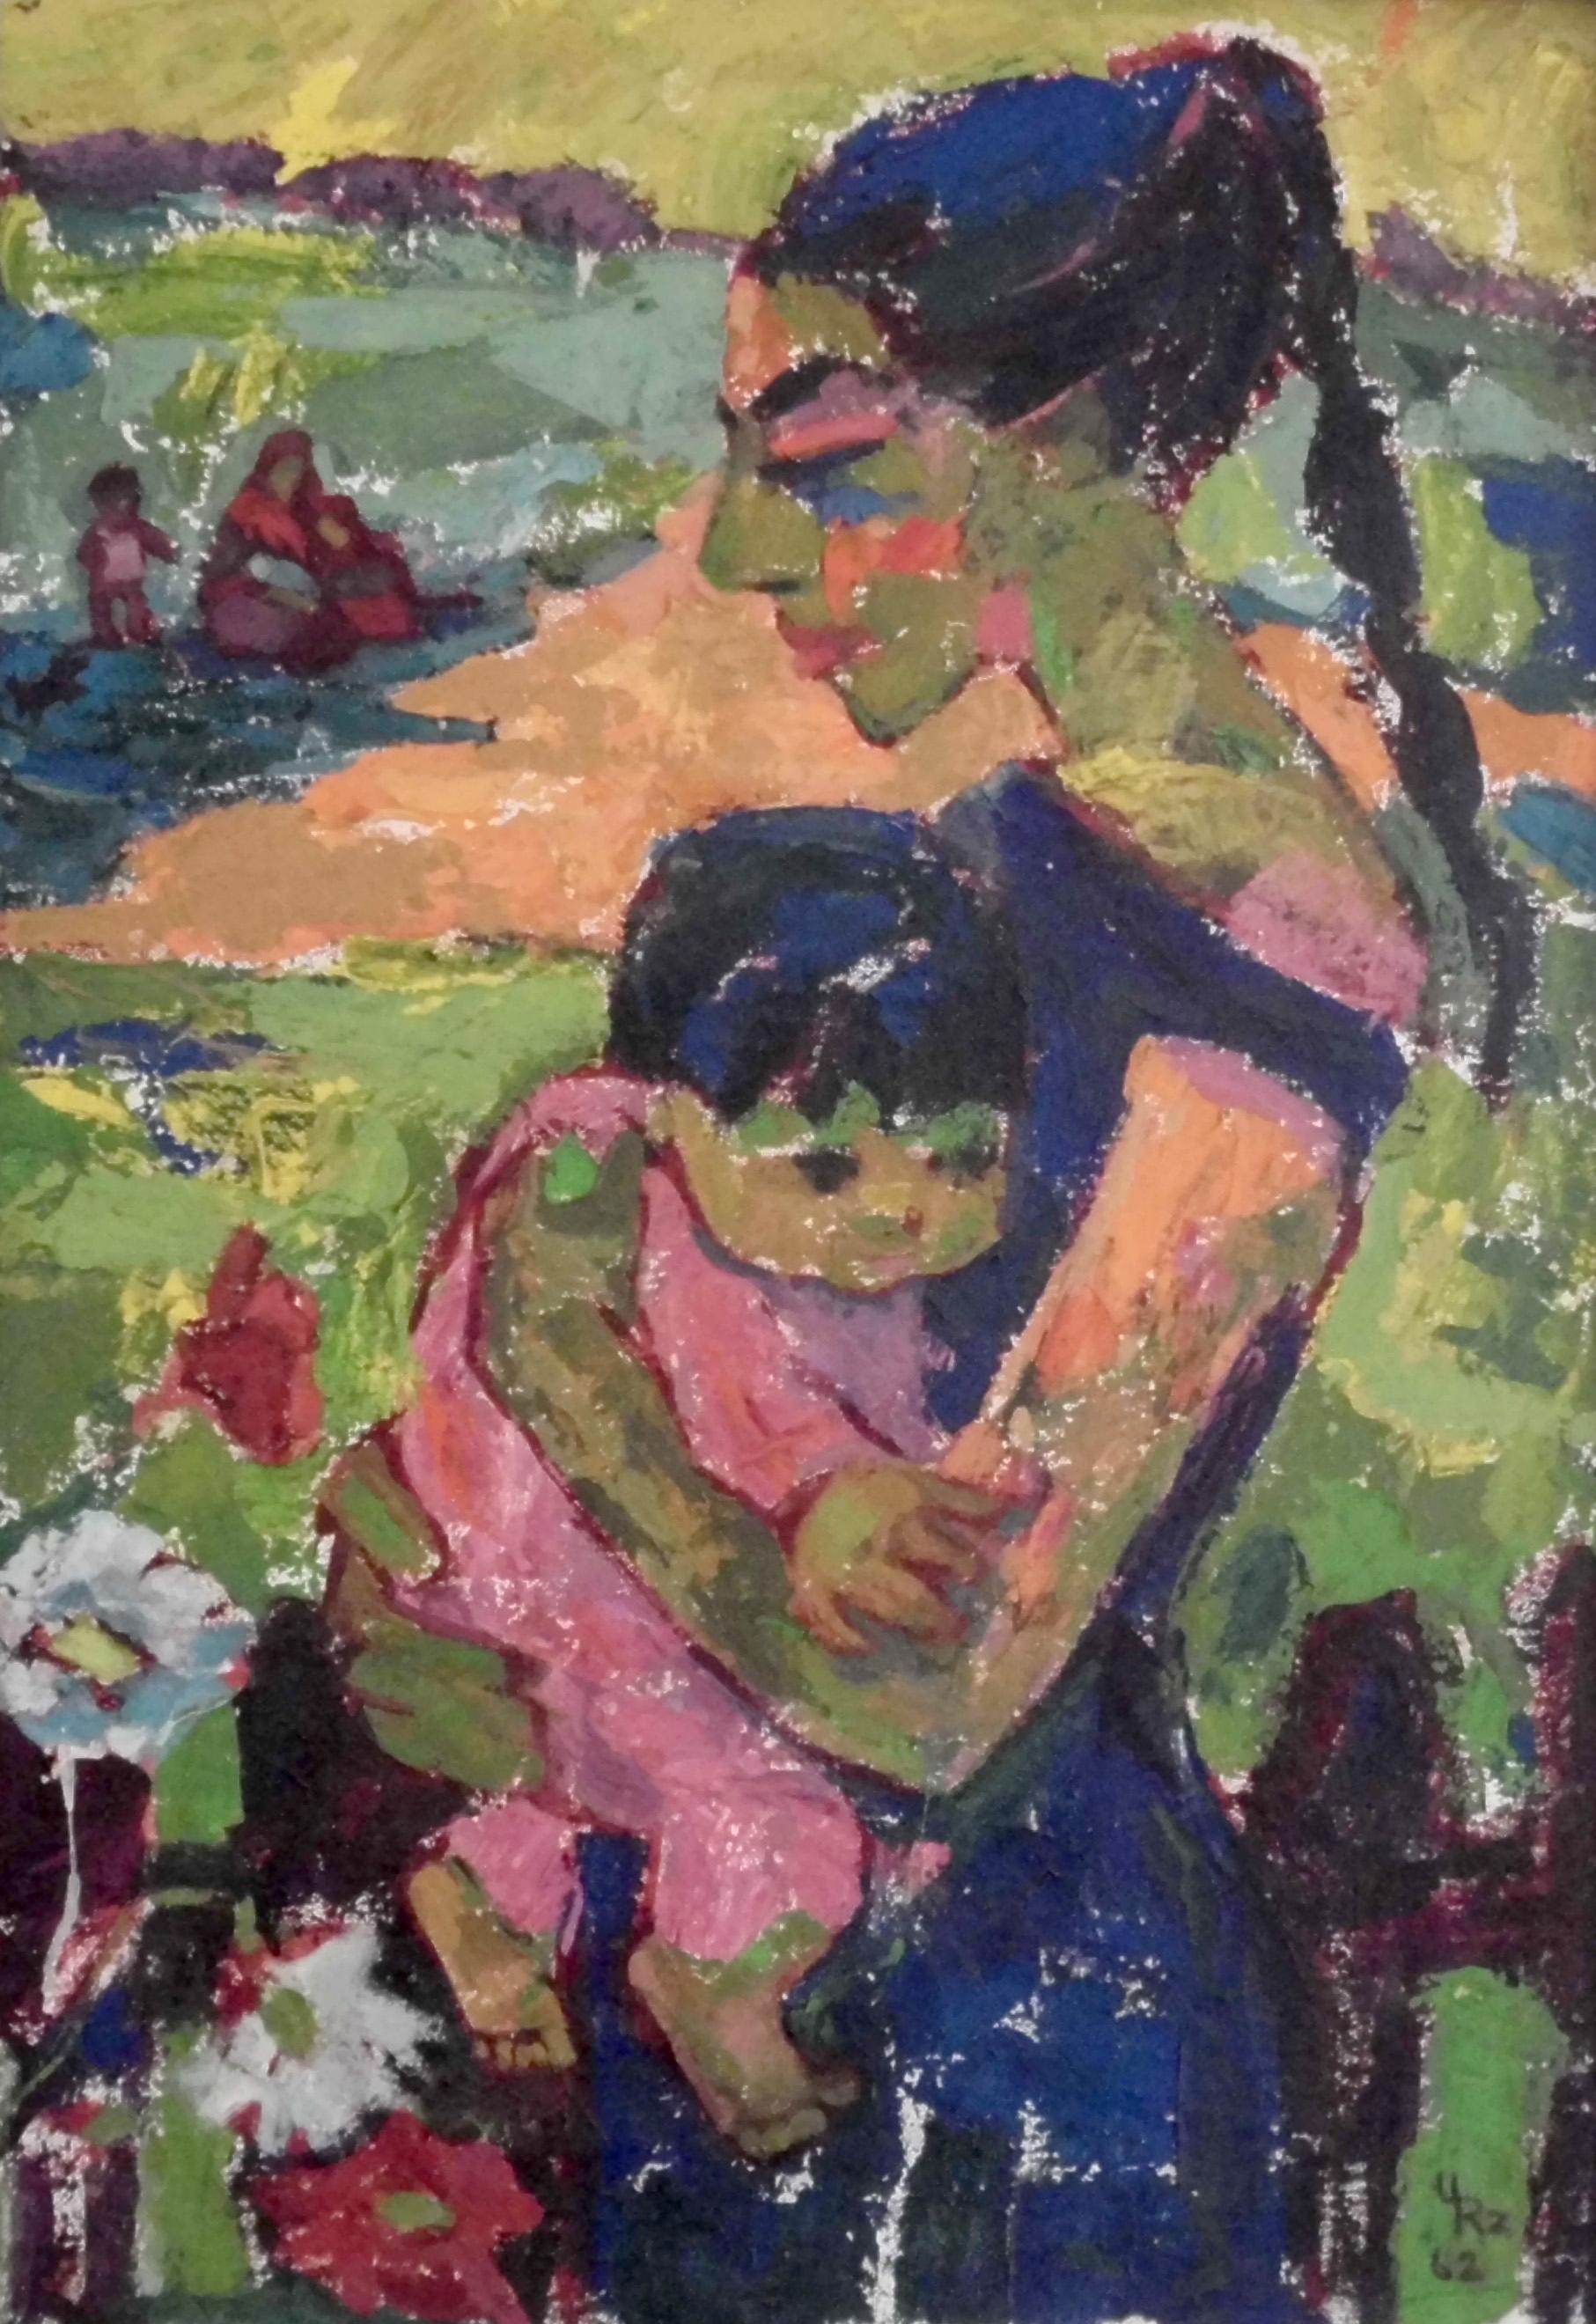 13-ursula_rzodeczko-zigeunerkinder-1962-oel_auf_leinwand-80x55